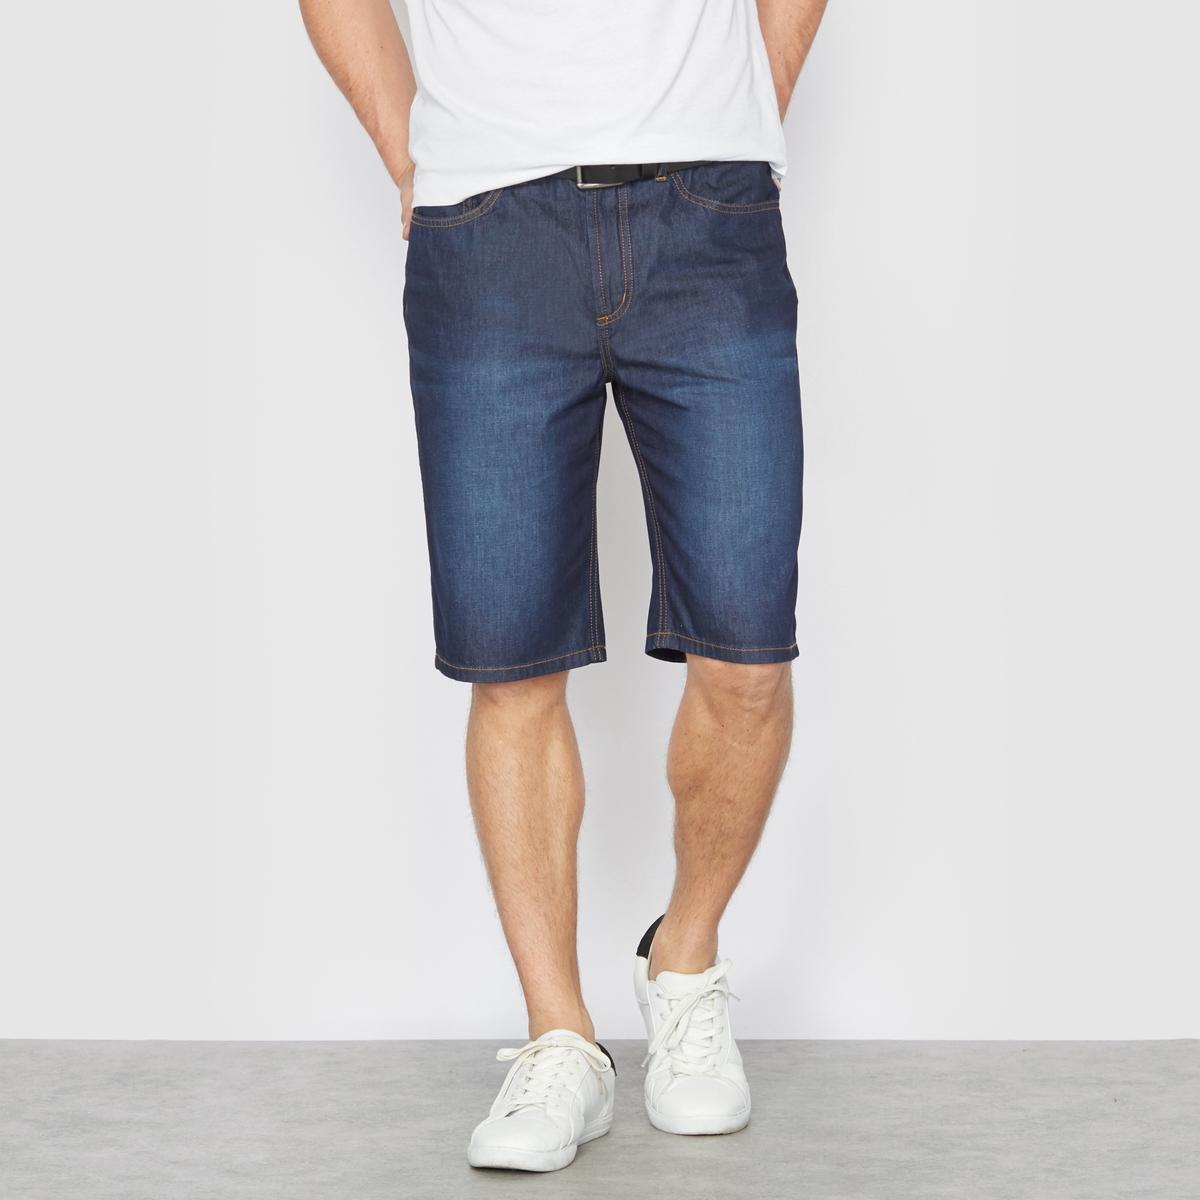 Бермуды, 5 карманов, из легкого денима, 100% хлопкаБермуды из джинсы. 5 карманов . Полностью эластичный пояс для комфорта. Из очень легкого денима, незаменимая вещь в летний сезон, 100% хлопка. Длина по внутр.шву 29 см.Обратите внимание, что бренд Taillissime создан для высоких, крупных мужчин с тенденцией к полноте. Чтобы узнать подходящий вам размер, сверьтесь с таблицей больших размеров на сайте.<br><br>Цвет: темно-синий потертый<br>Размер: 50 (FR) - 56 (RUS).54.68.52 (FR) - 58 (RUS)